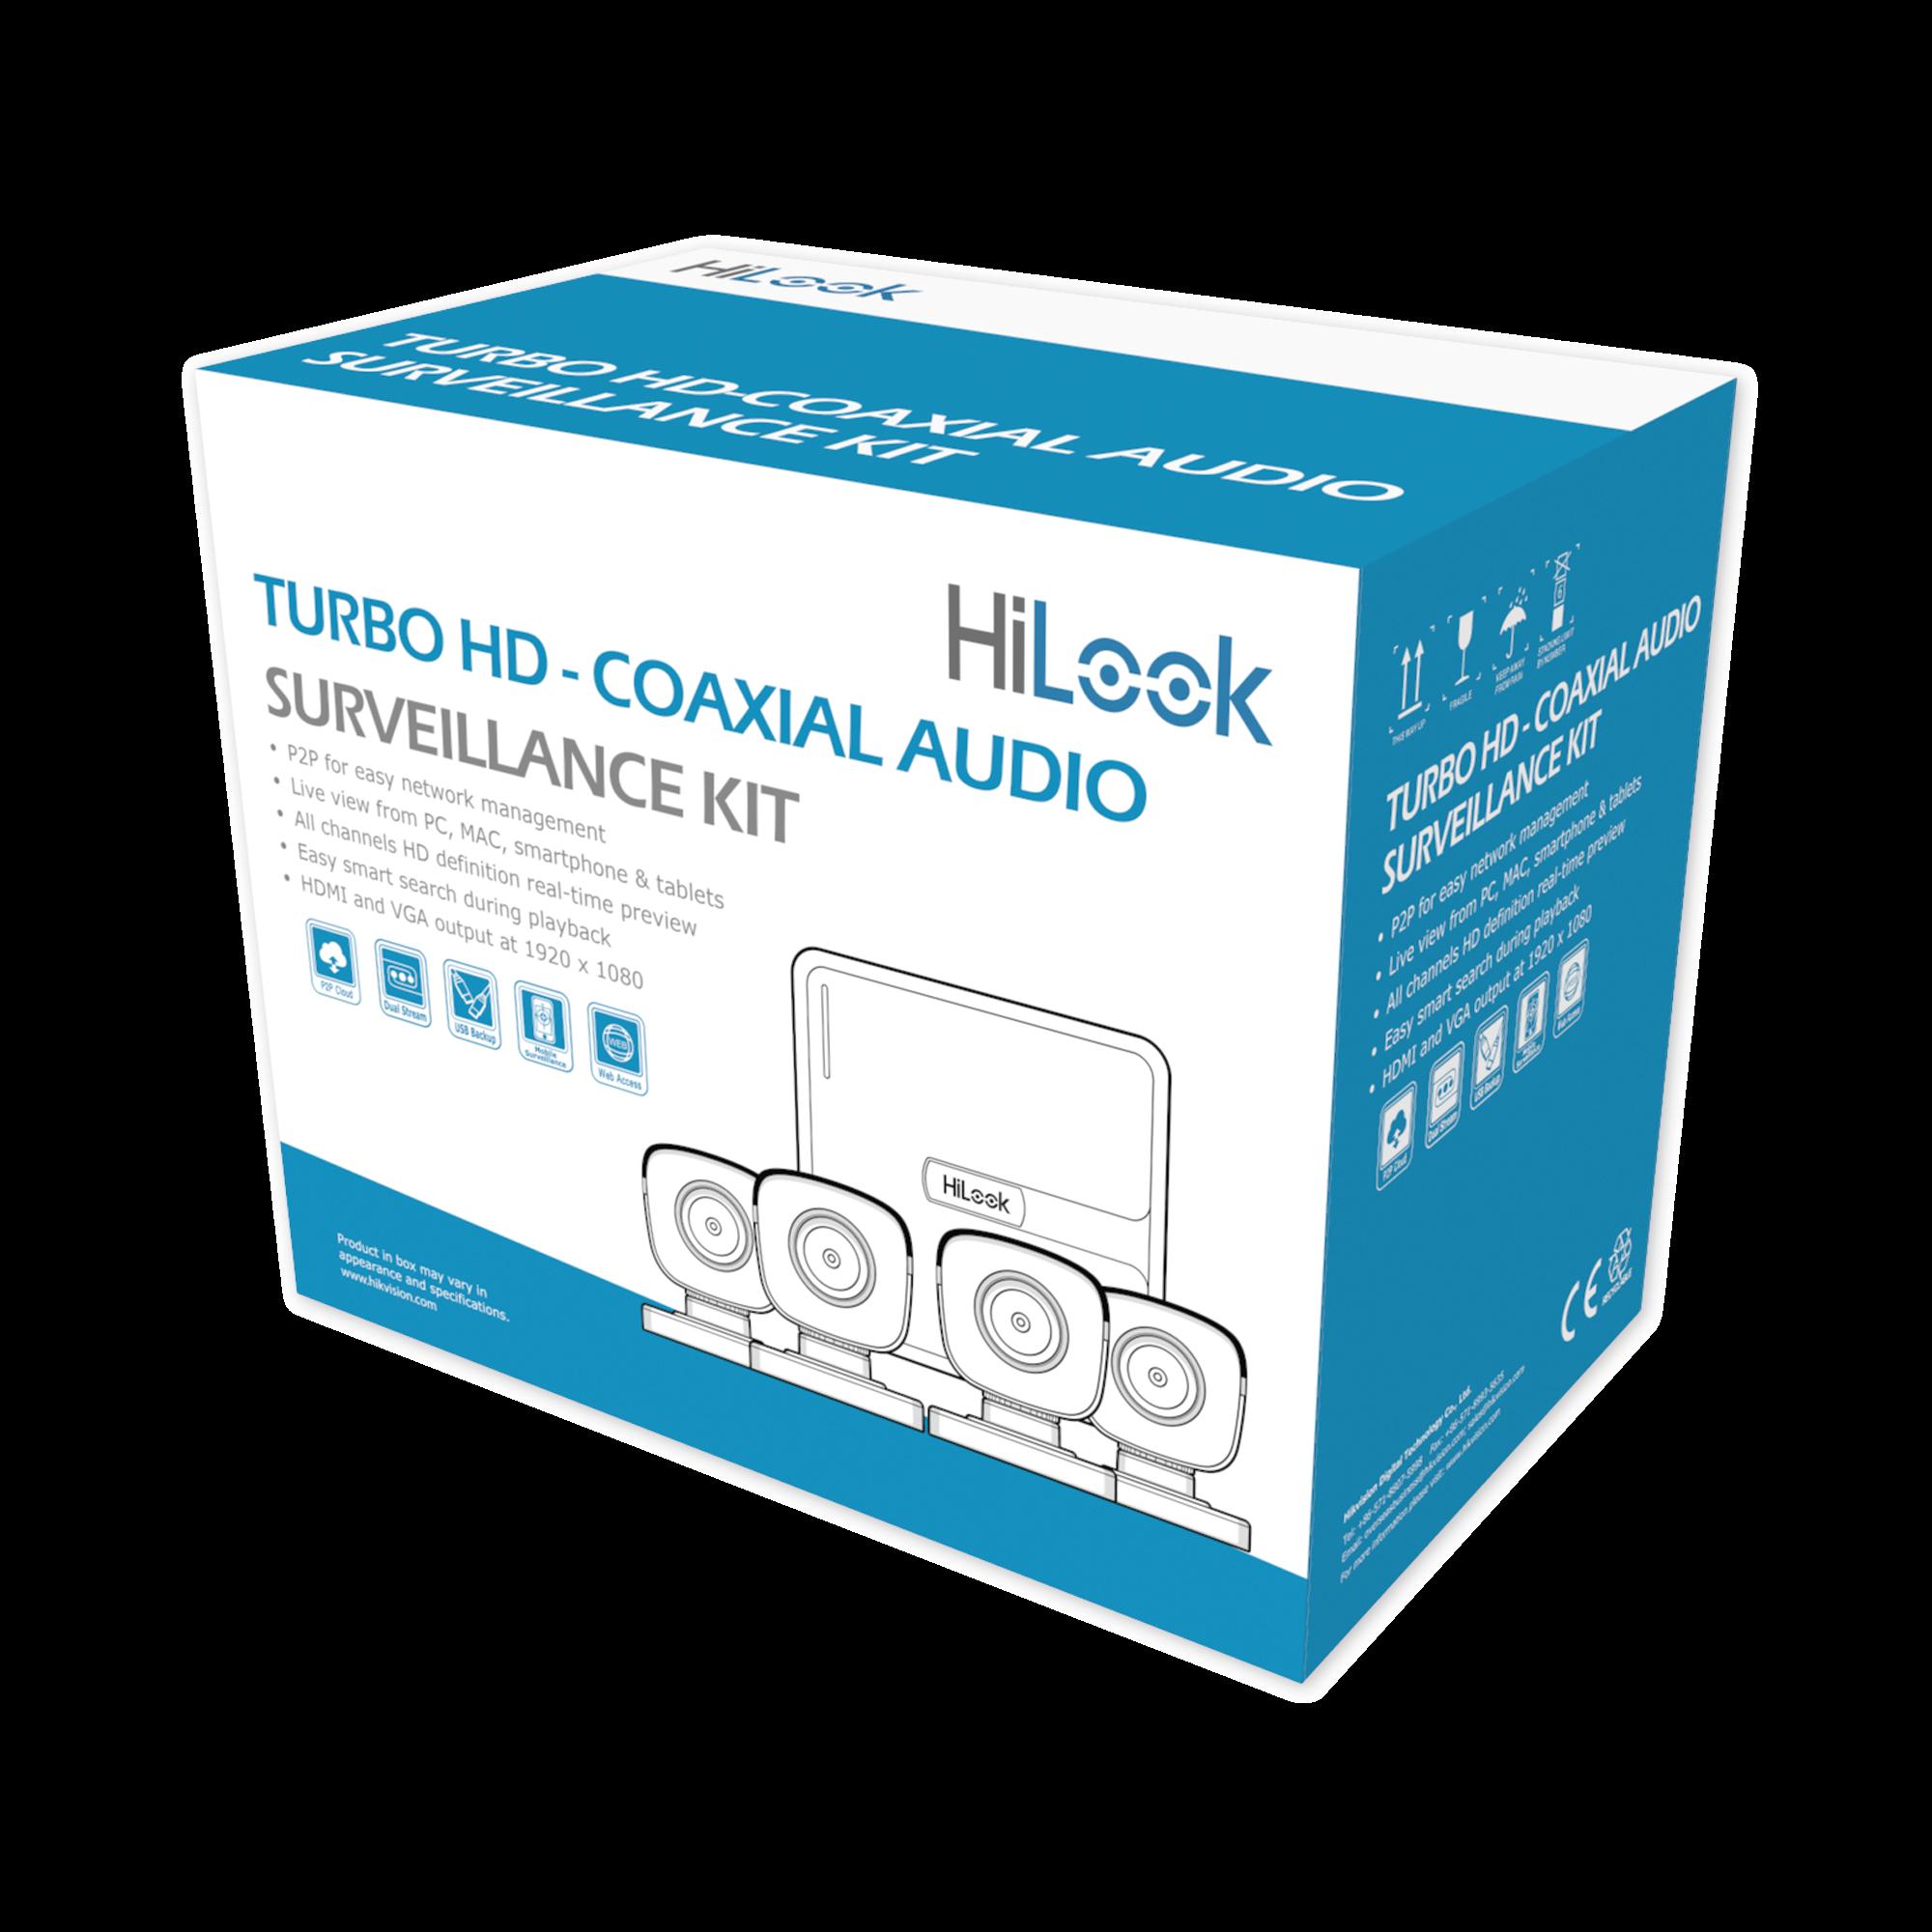 (MICRóFONO INTEGRADO) Kit TurboHD 1080p Lite / DVR 4 canales / Audio por Coaxitron / 4 Cámaras Bala de Policarbonato con Micrófono Integrado